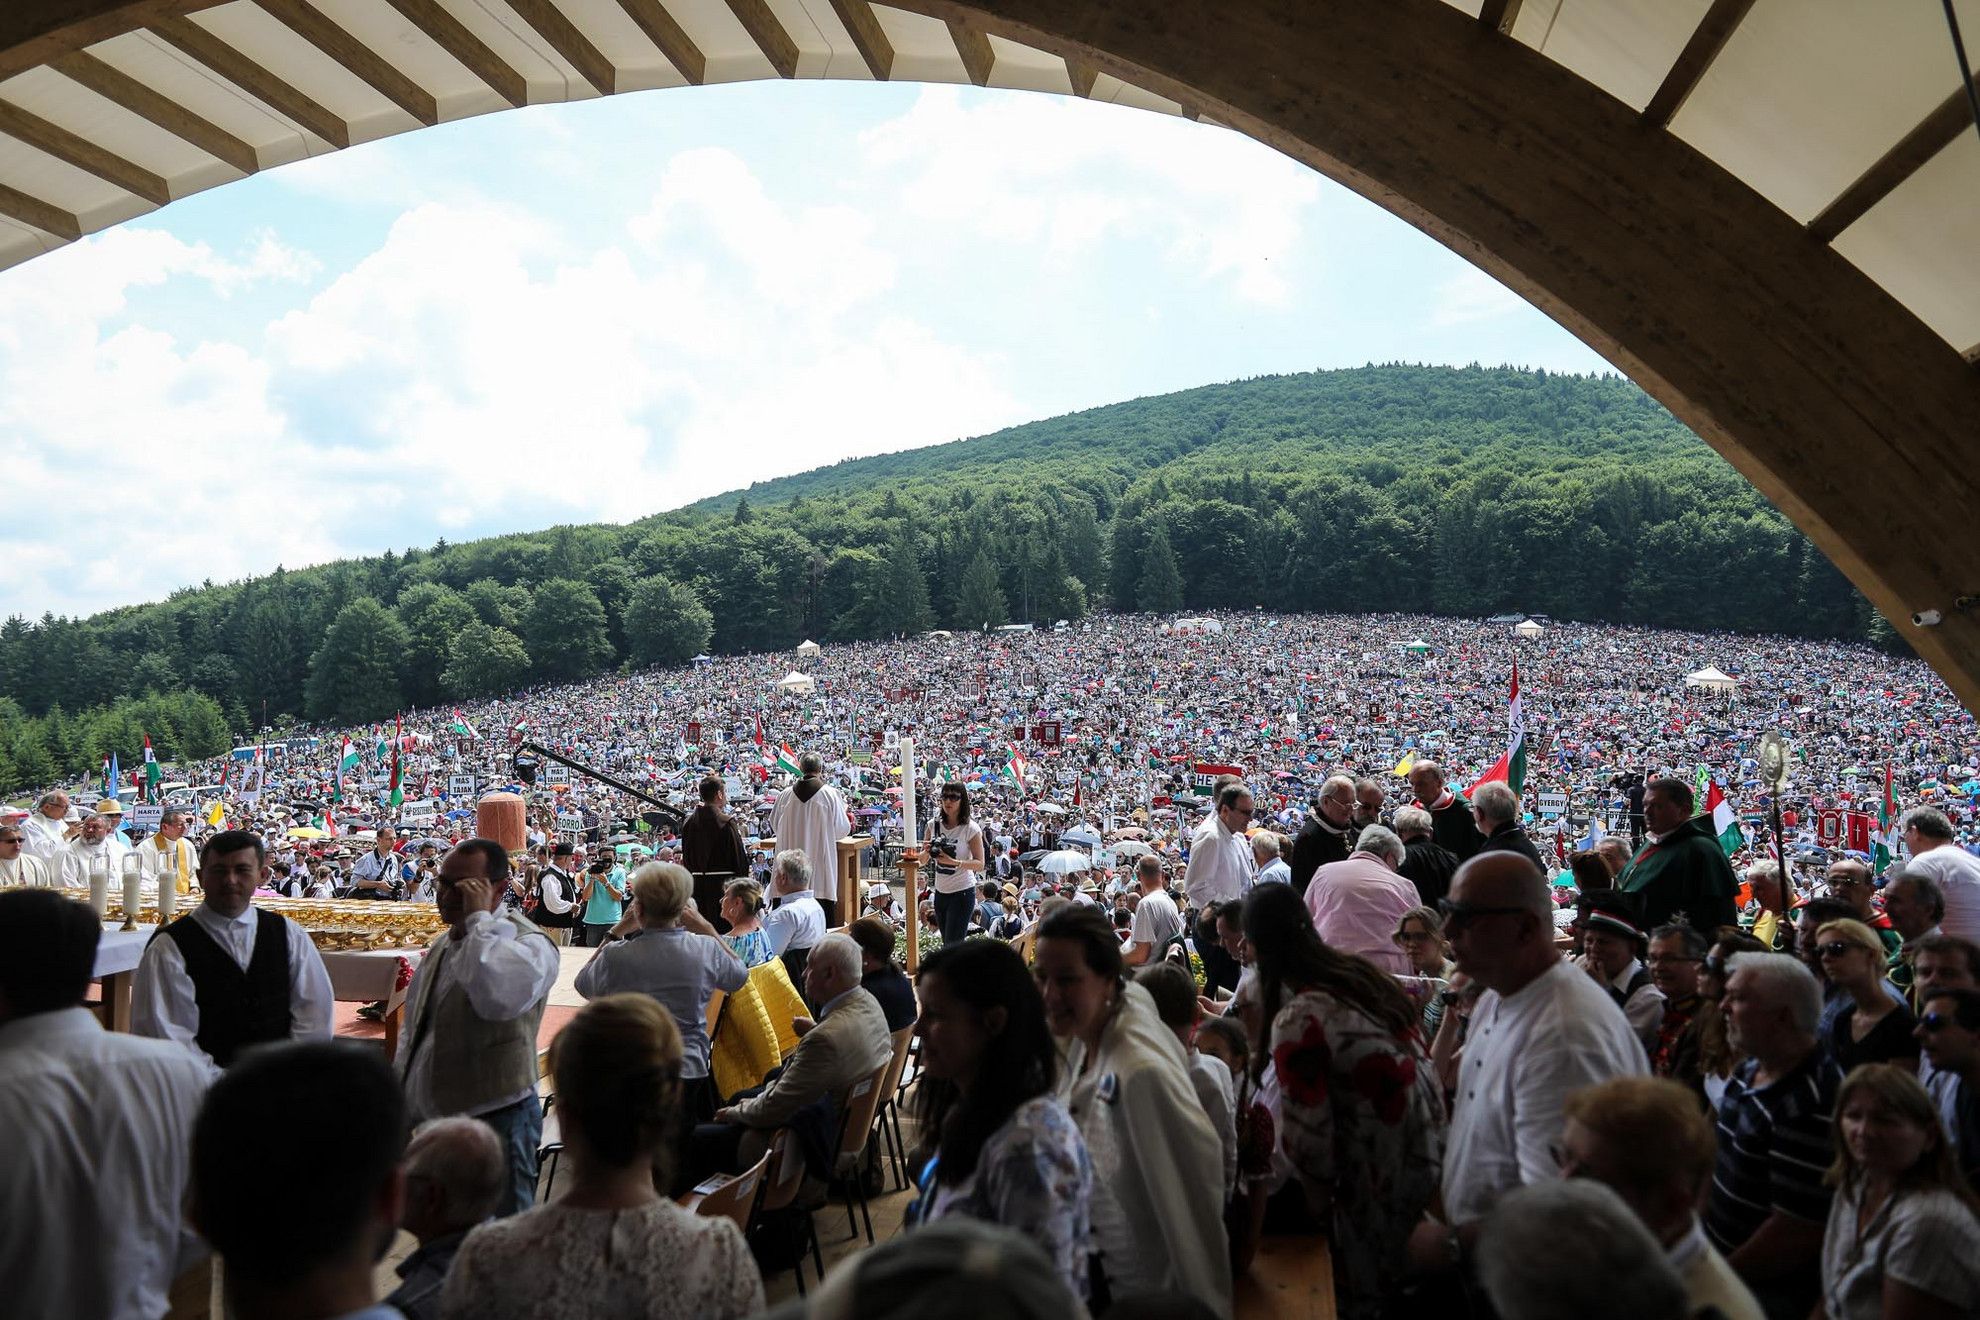 Az érsek megköszönte a pápai mise résztvevőinek a fegyelmét